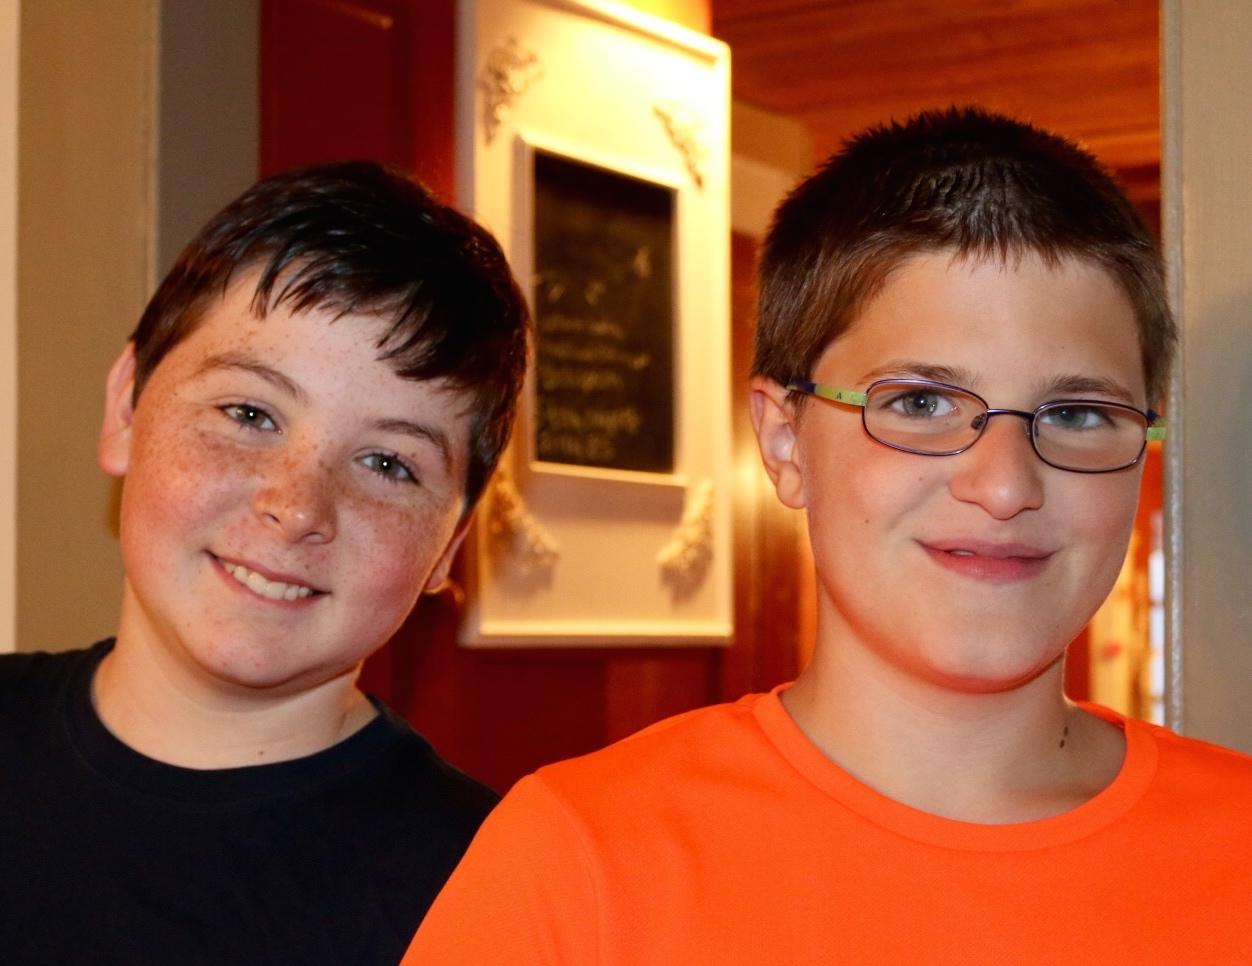 Ben and Jack